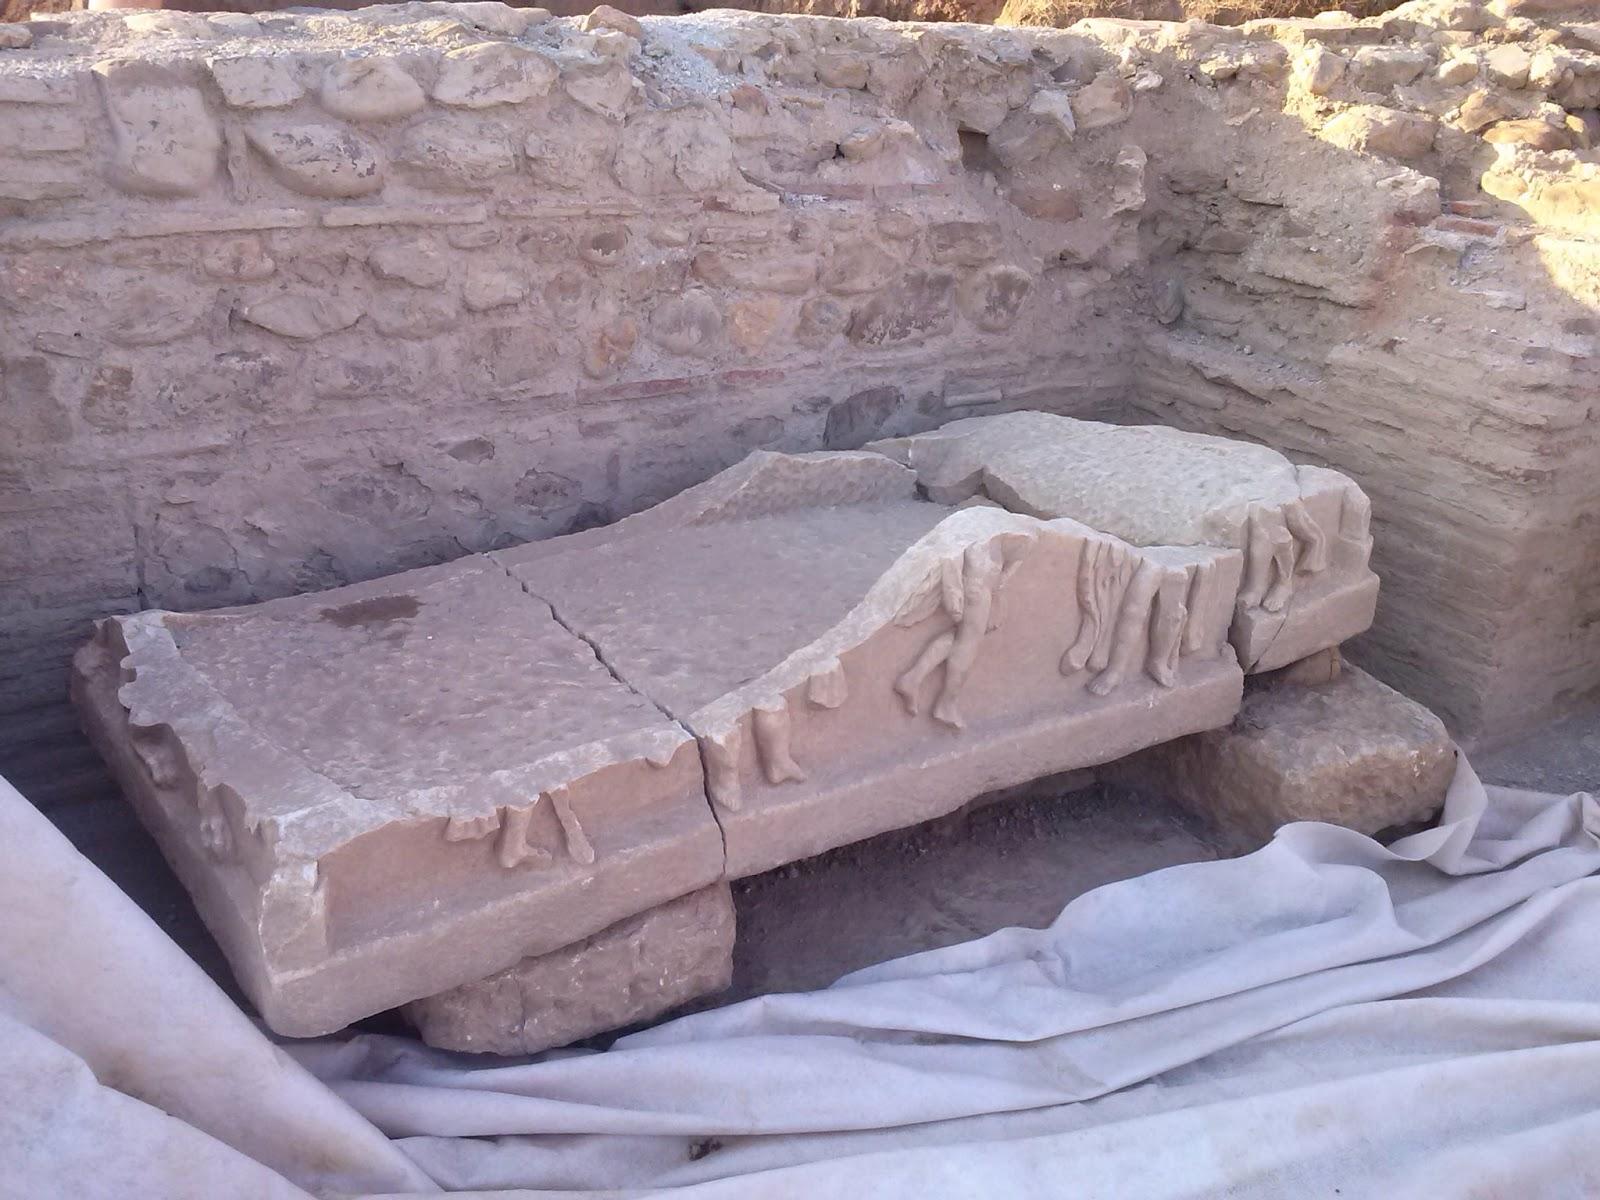 Ὄχι καλέ... Δὲν θάβουν ἀκόμη ἕναν ναό... Τὸν προστατεύουν λέμε!1